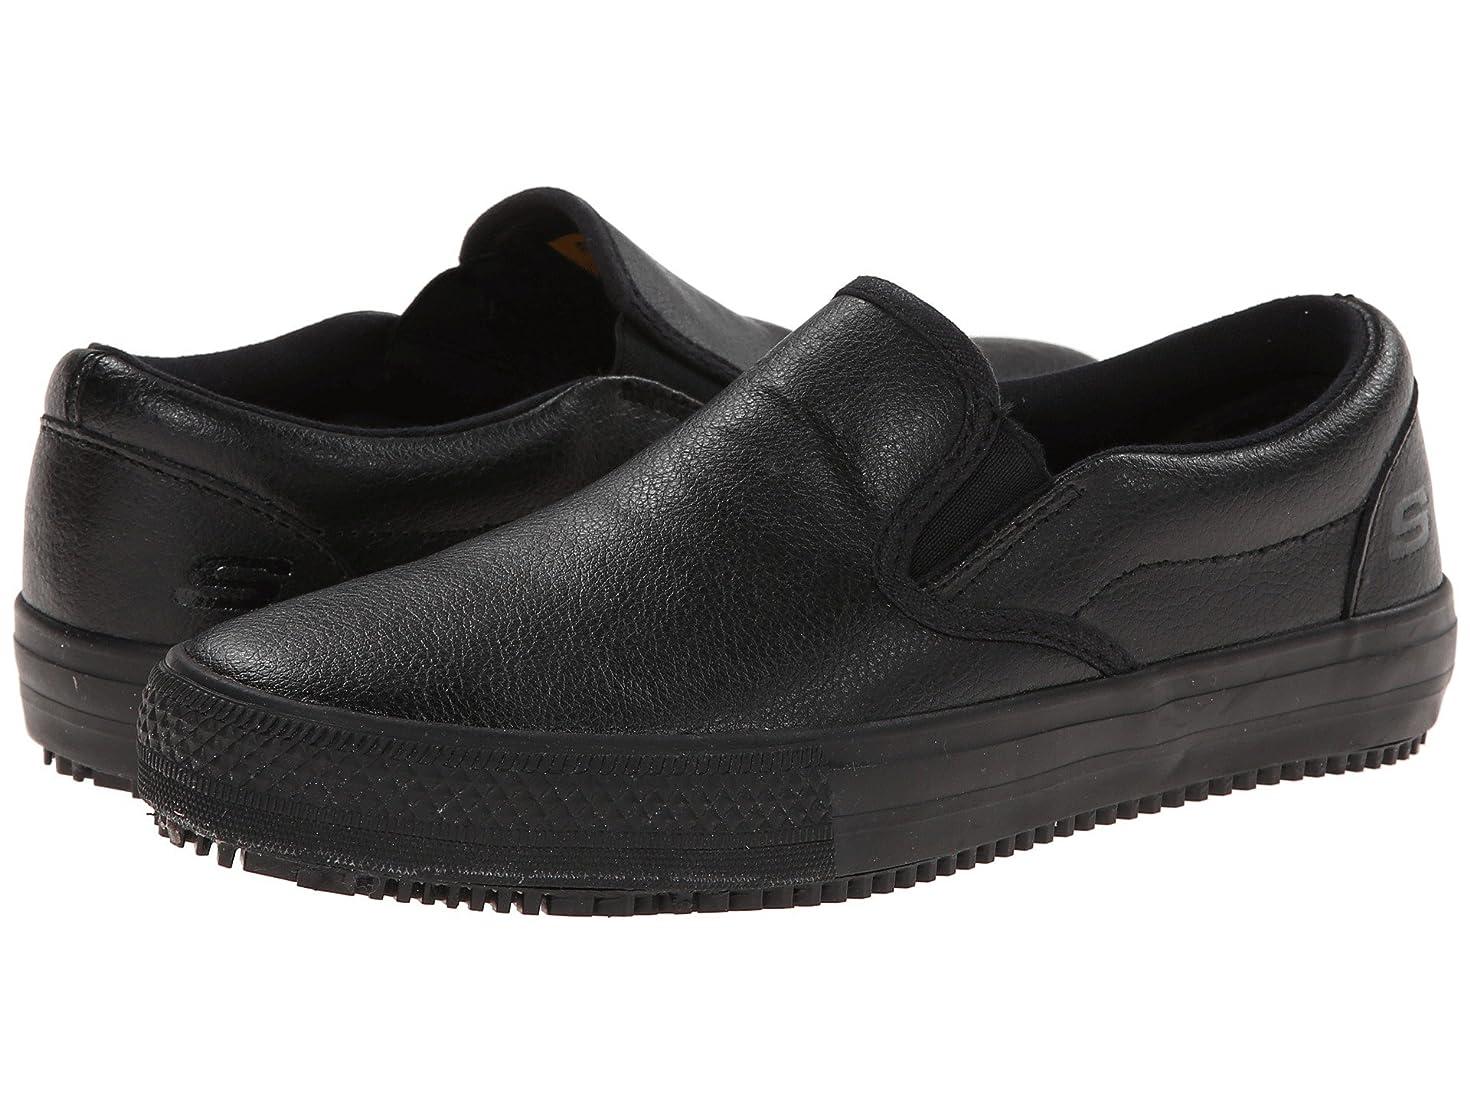 計画的欺く[SKECHERS(スケッチャーズ)] レディースワークシューズ?ナースシューズ?靴 Gibson - Brognay [並行輸入品]